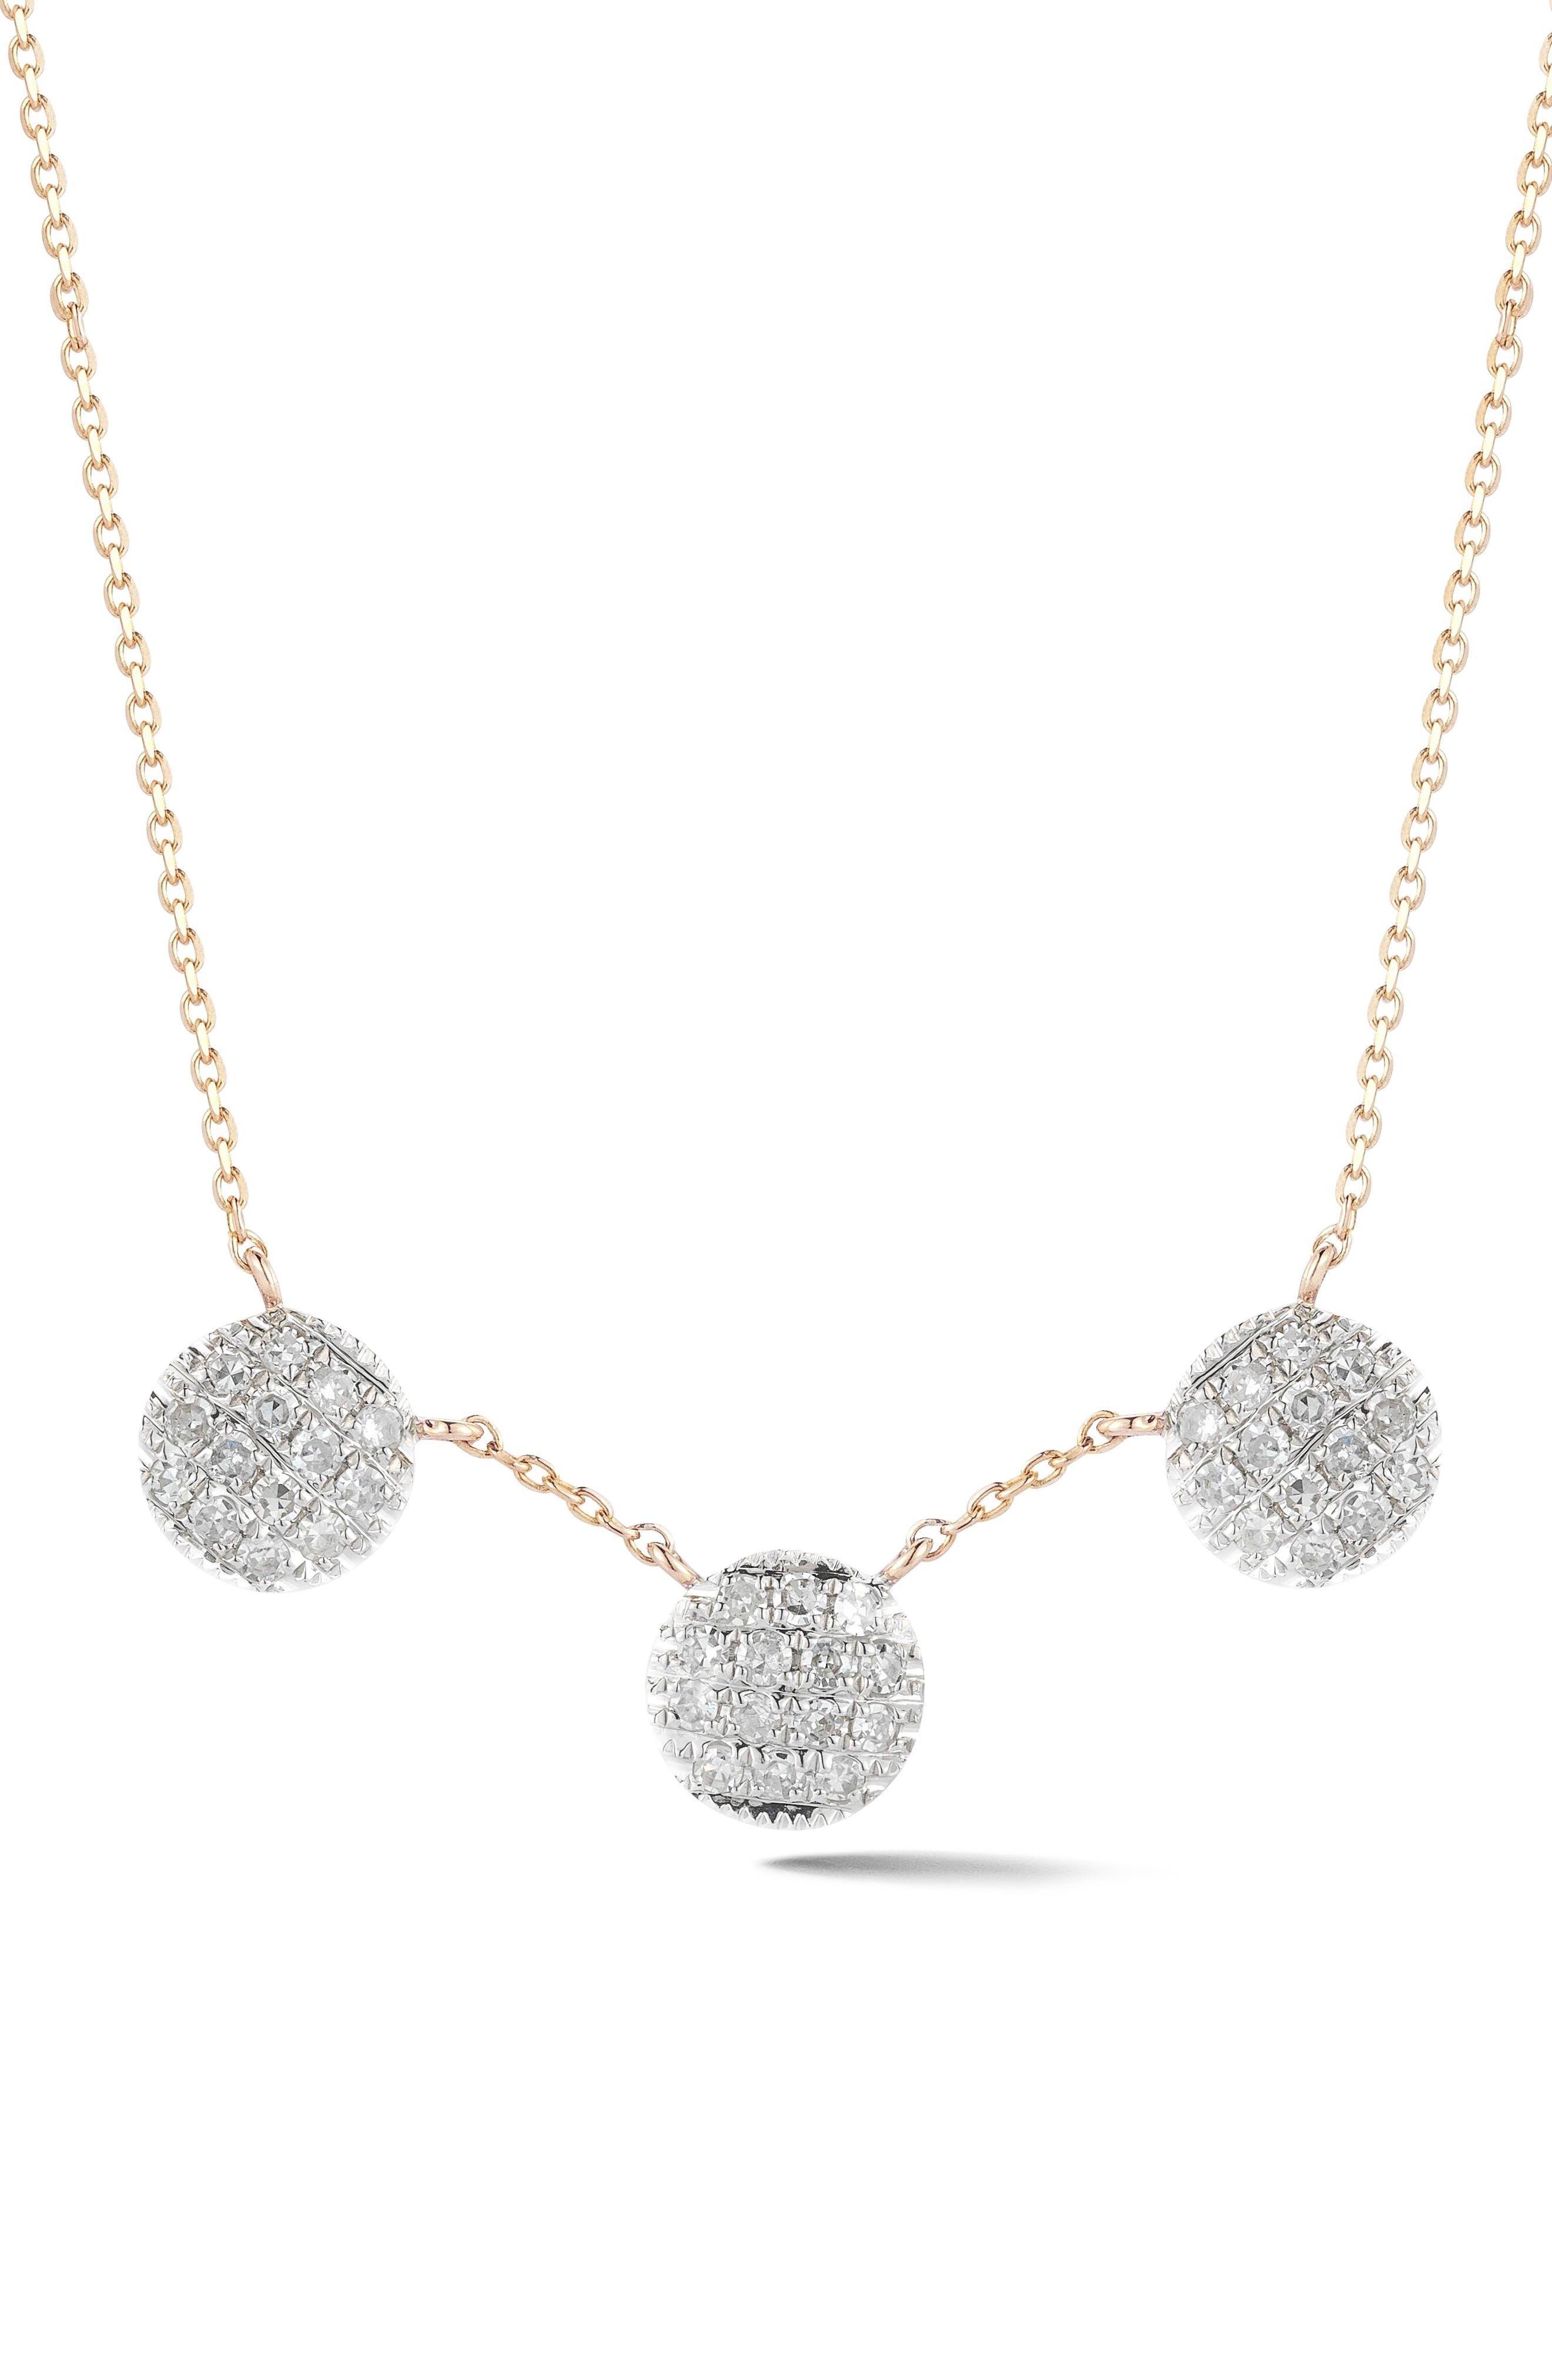 Lauren Joy Three-Disc Diamond Necklace,                             Main thumbnail 1, color,                             710